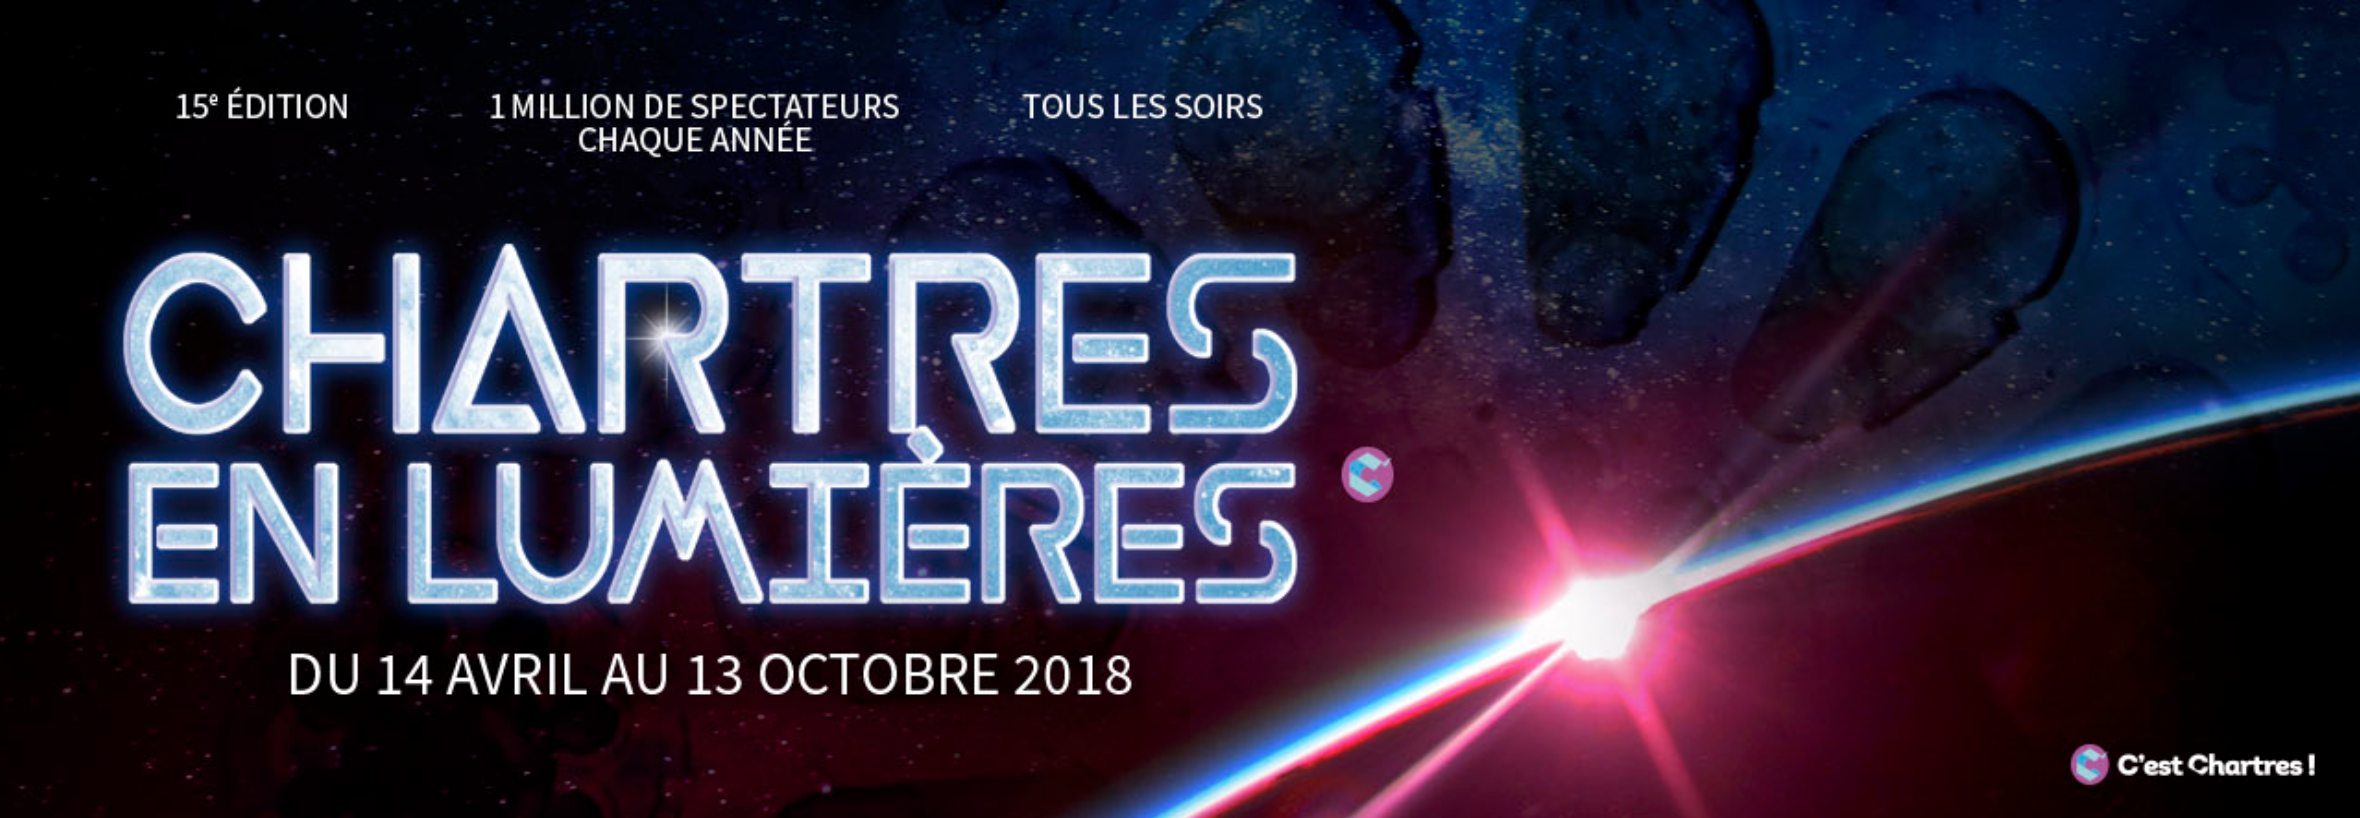 Bandeau Chartres en lumières 2018